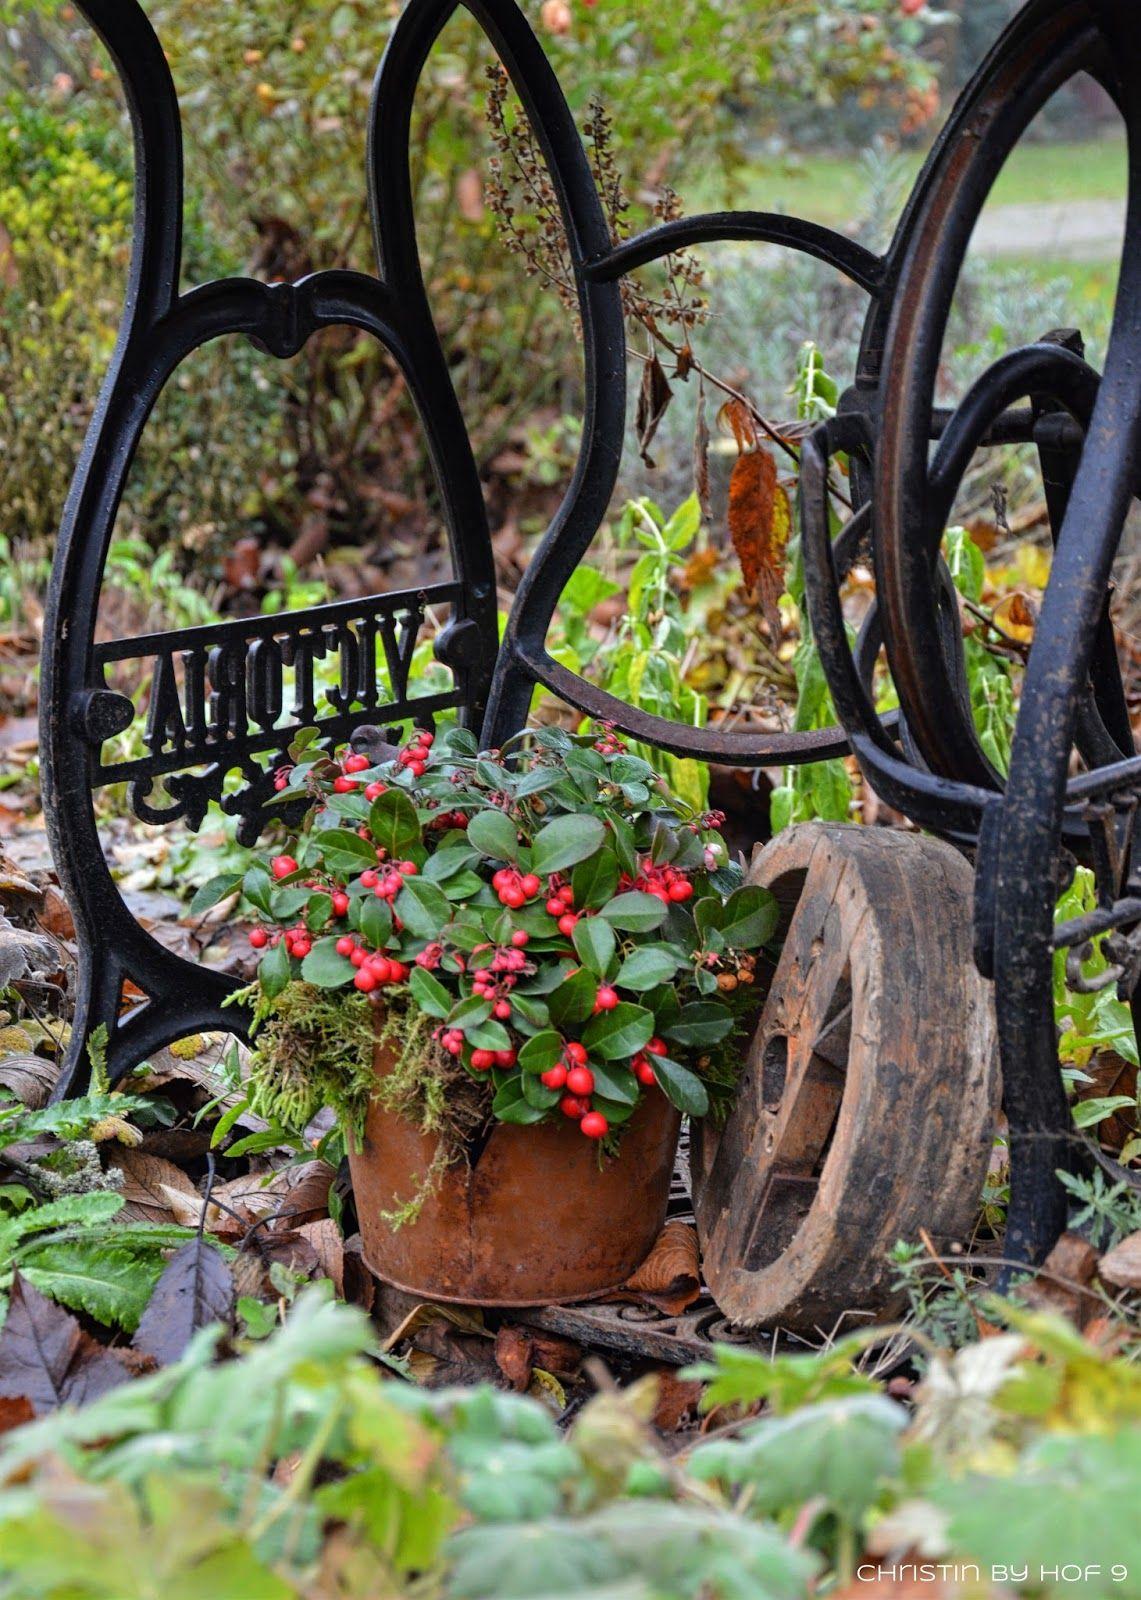 Quaste Aus Kiefernadeln Naturliche Gartendeko Im Winter Weihnachtsdekoration Im Garten Rost Weihnachtsdekoration Garten Garten Deko Weihnachtsdeko Im Garten